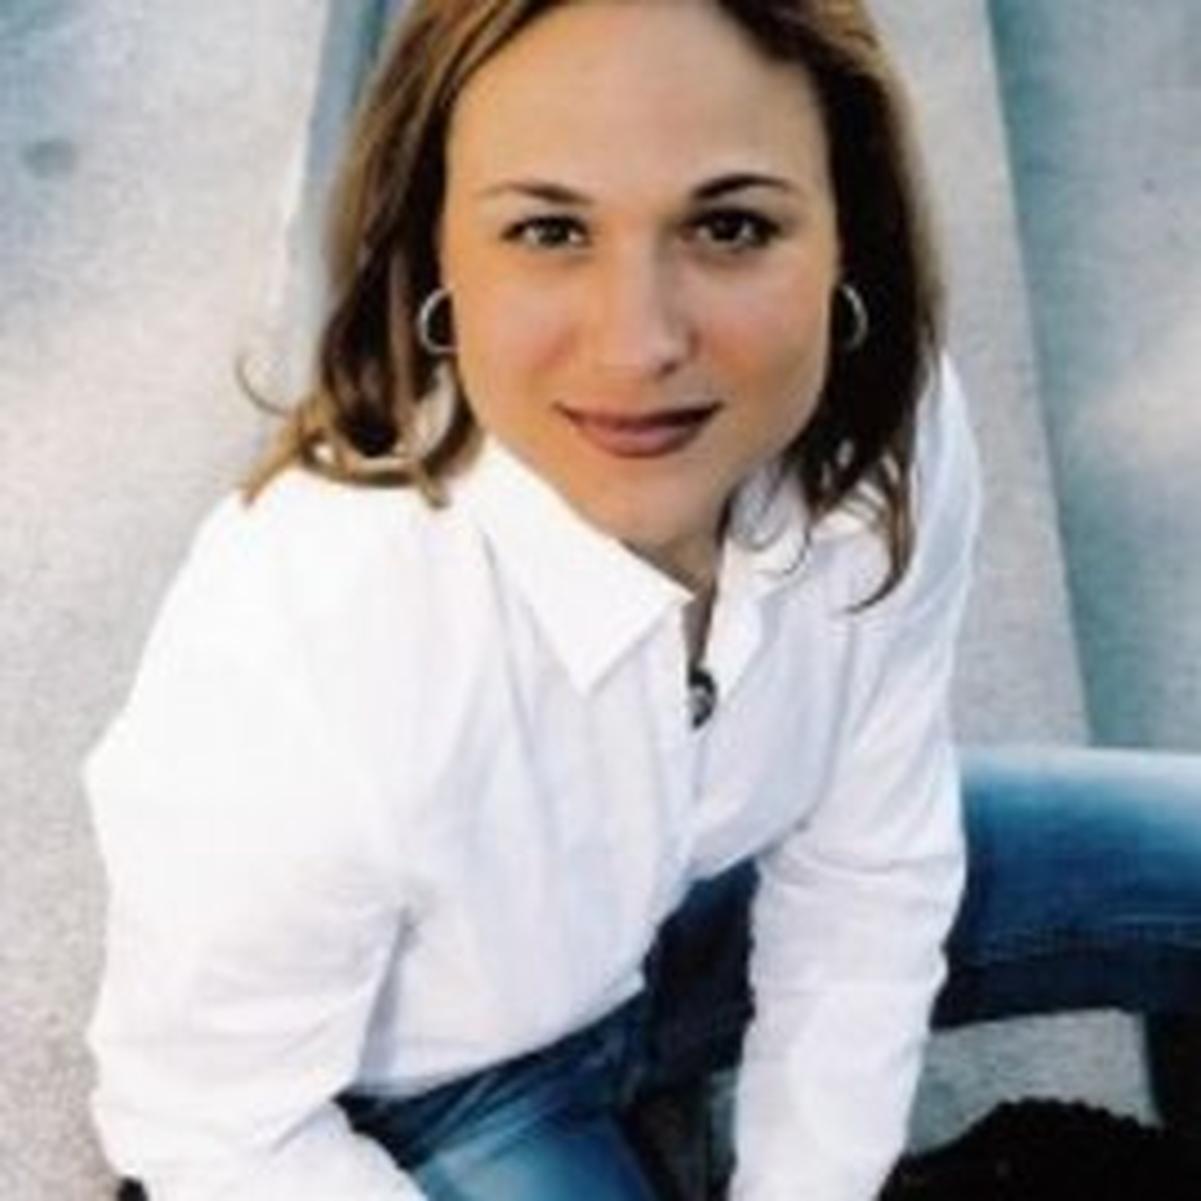 Wyndi Marie Anderson